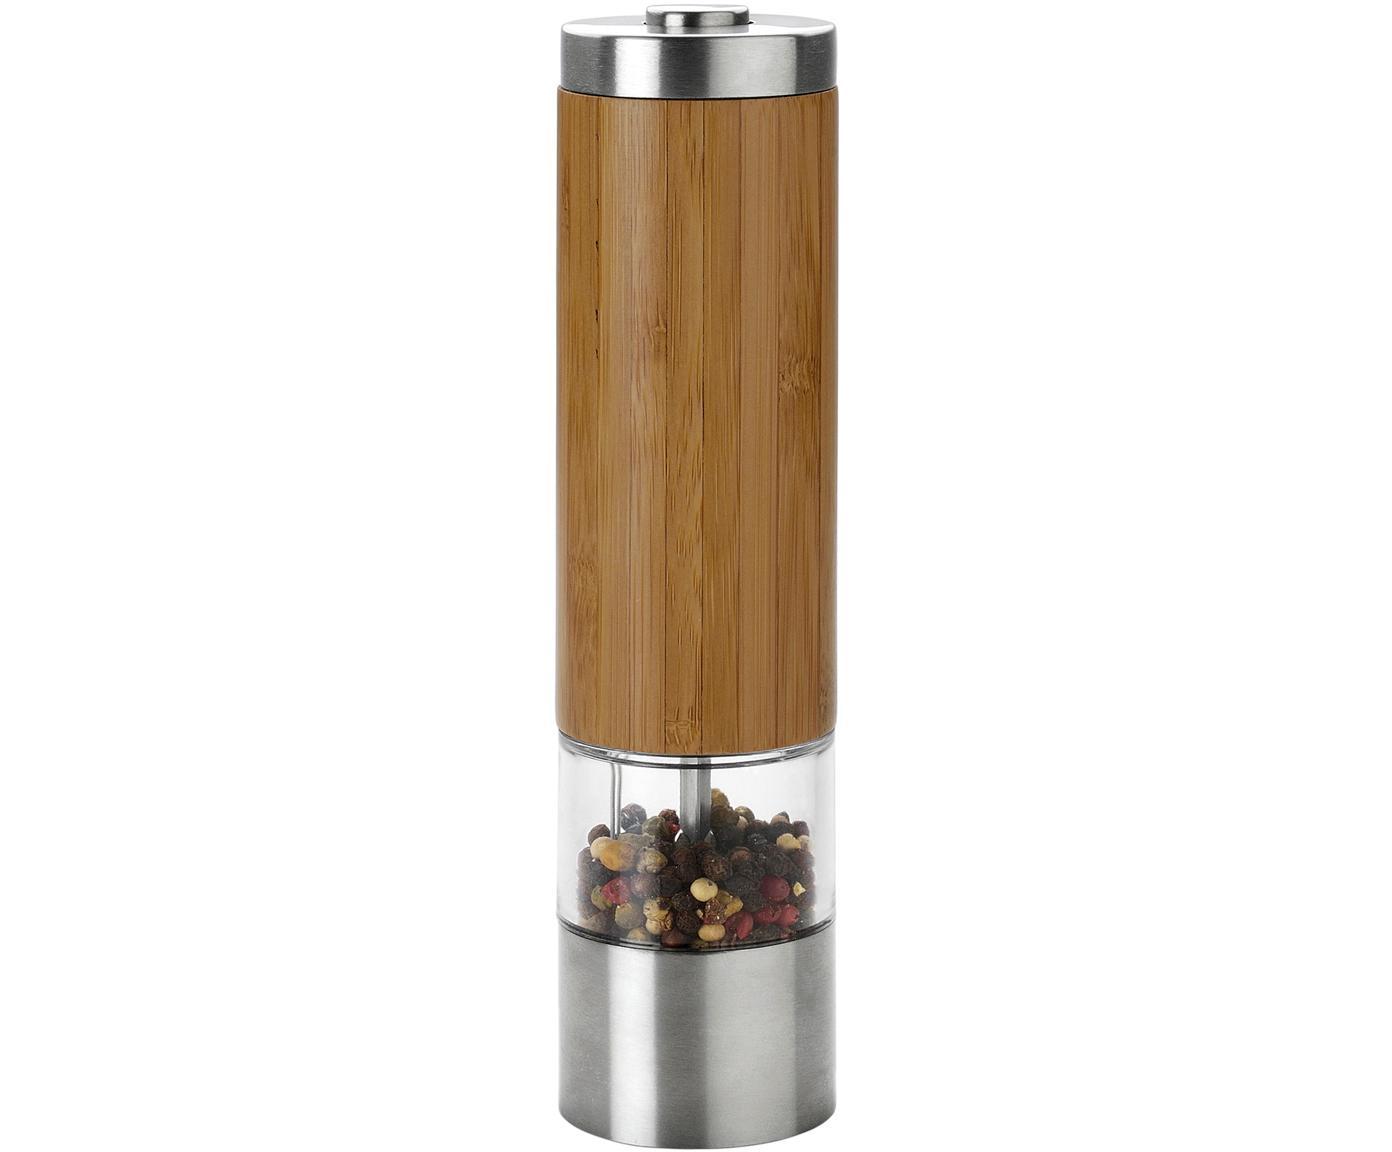 Molinillo de bambú y acero inoxidable Lonka, Bambú, acero inoxidable, Bambú, transparente, acero, Ø 6 x Al 22 cm